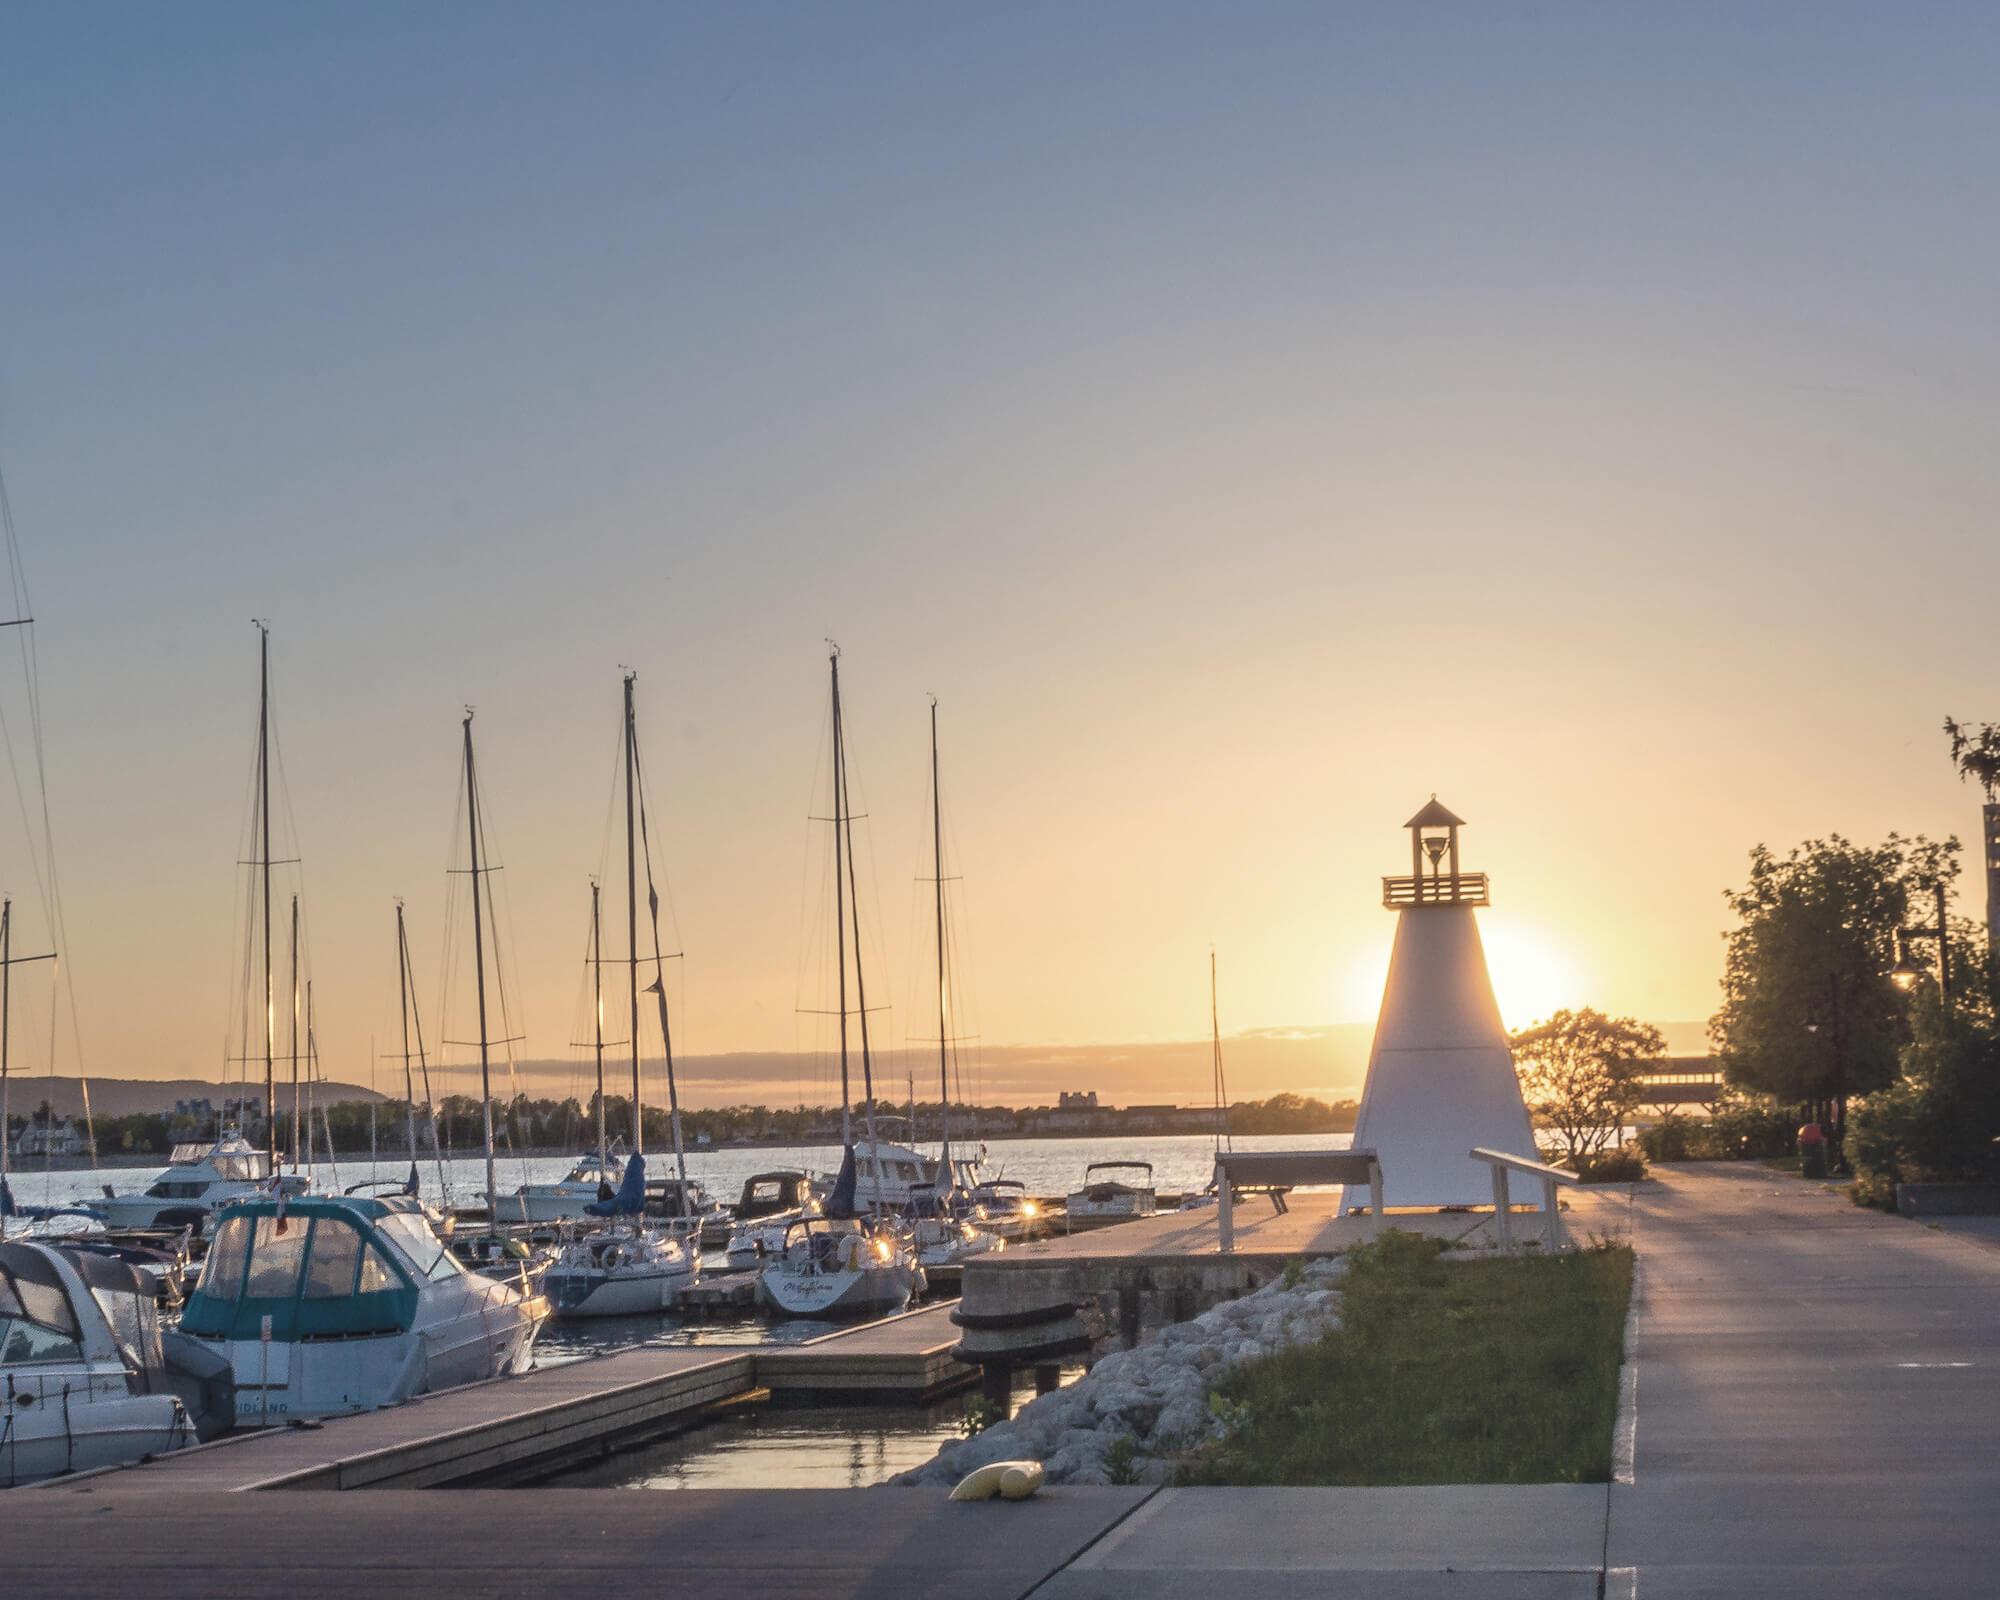 Lighthouse at a marina